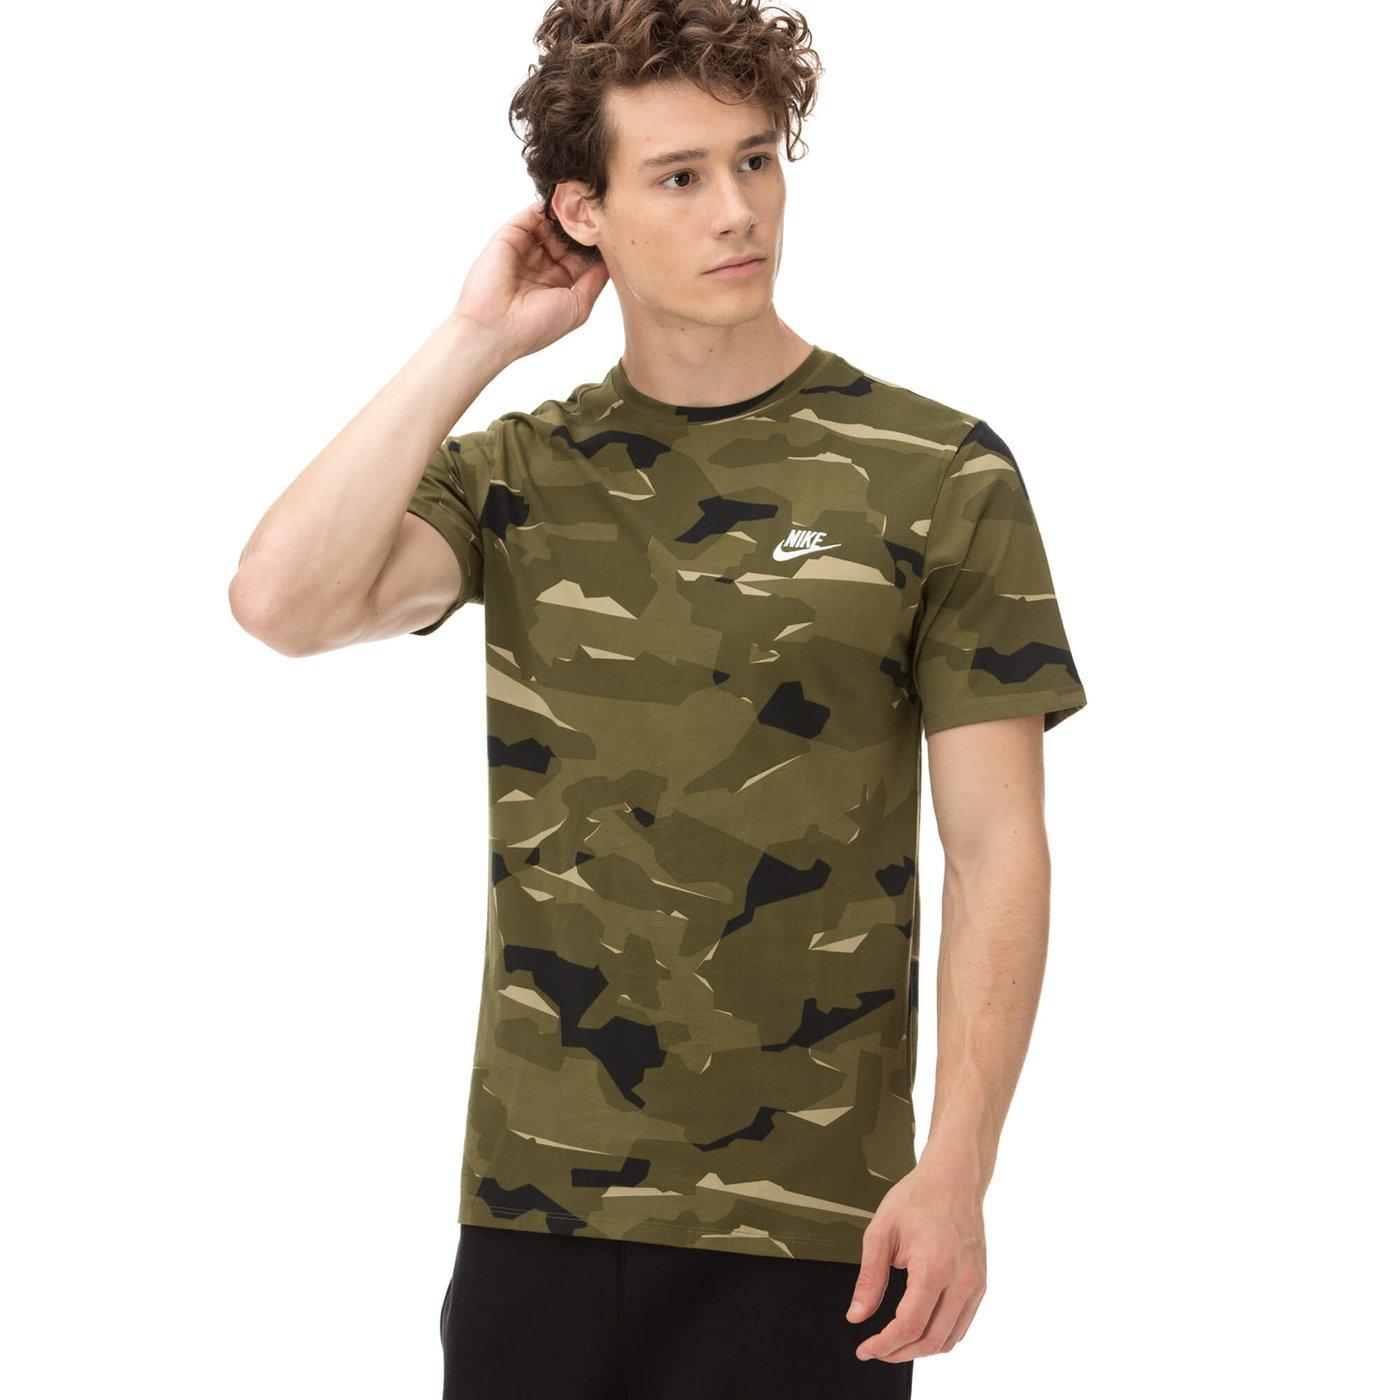 Nike Erkek Kamuflaj Yeşil T-shirt